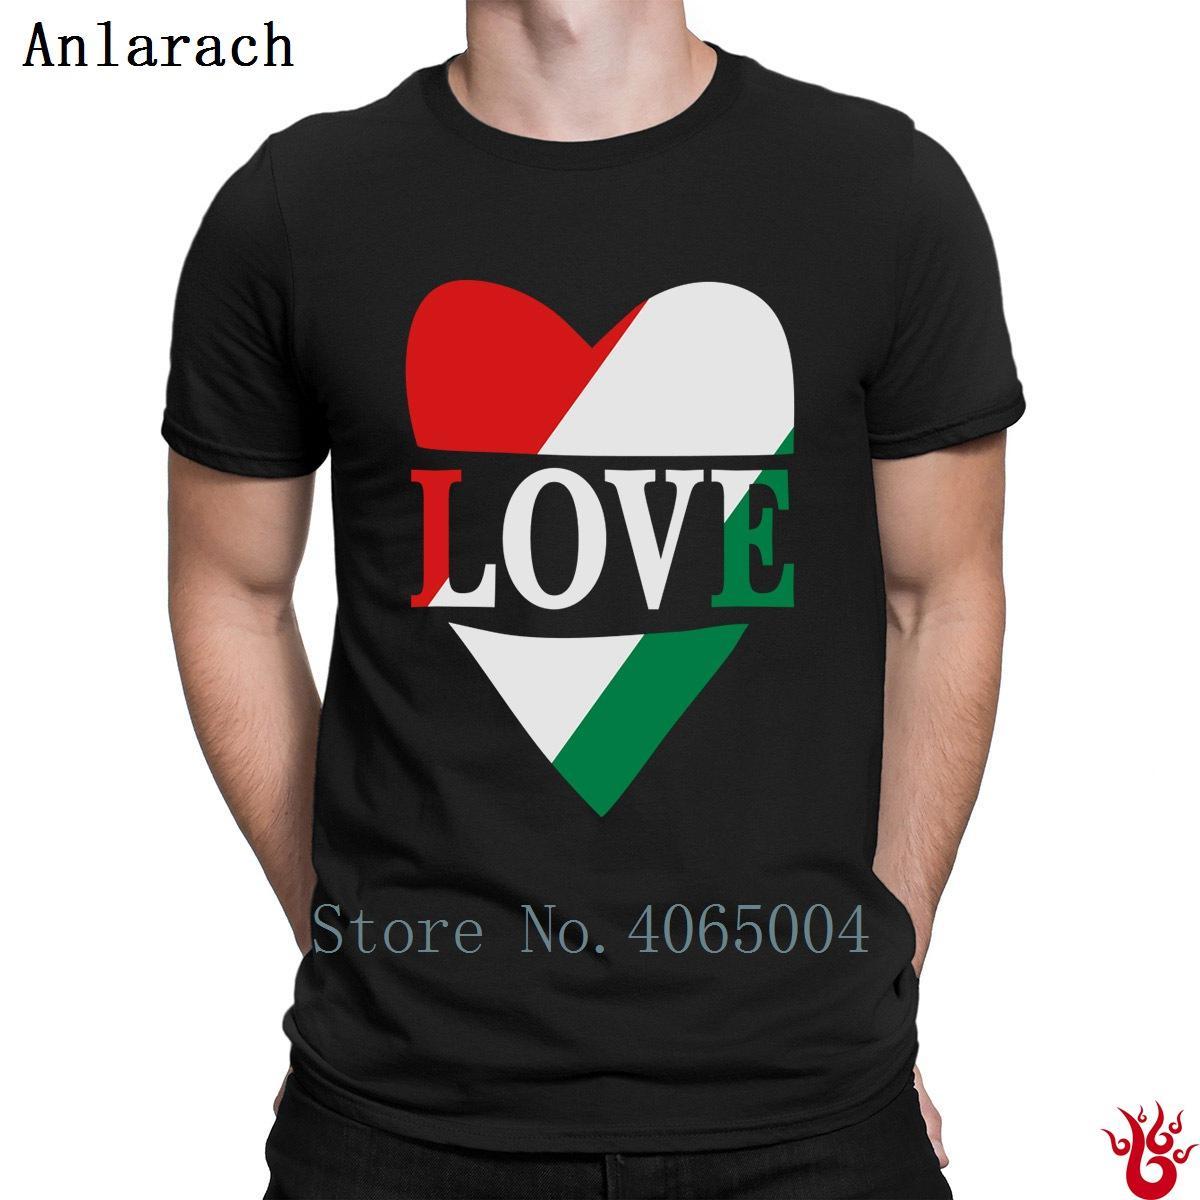 Compre Amo A Hungria Camisetas De Algodão Presente Normal S Xxxl T Shirt  Para Homens 2018 Carta Personalizada Camiseta Hiphop Top Fashion De  Dzuprighth 72b440f934371